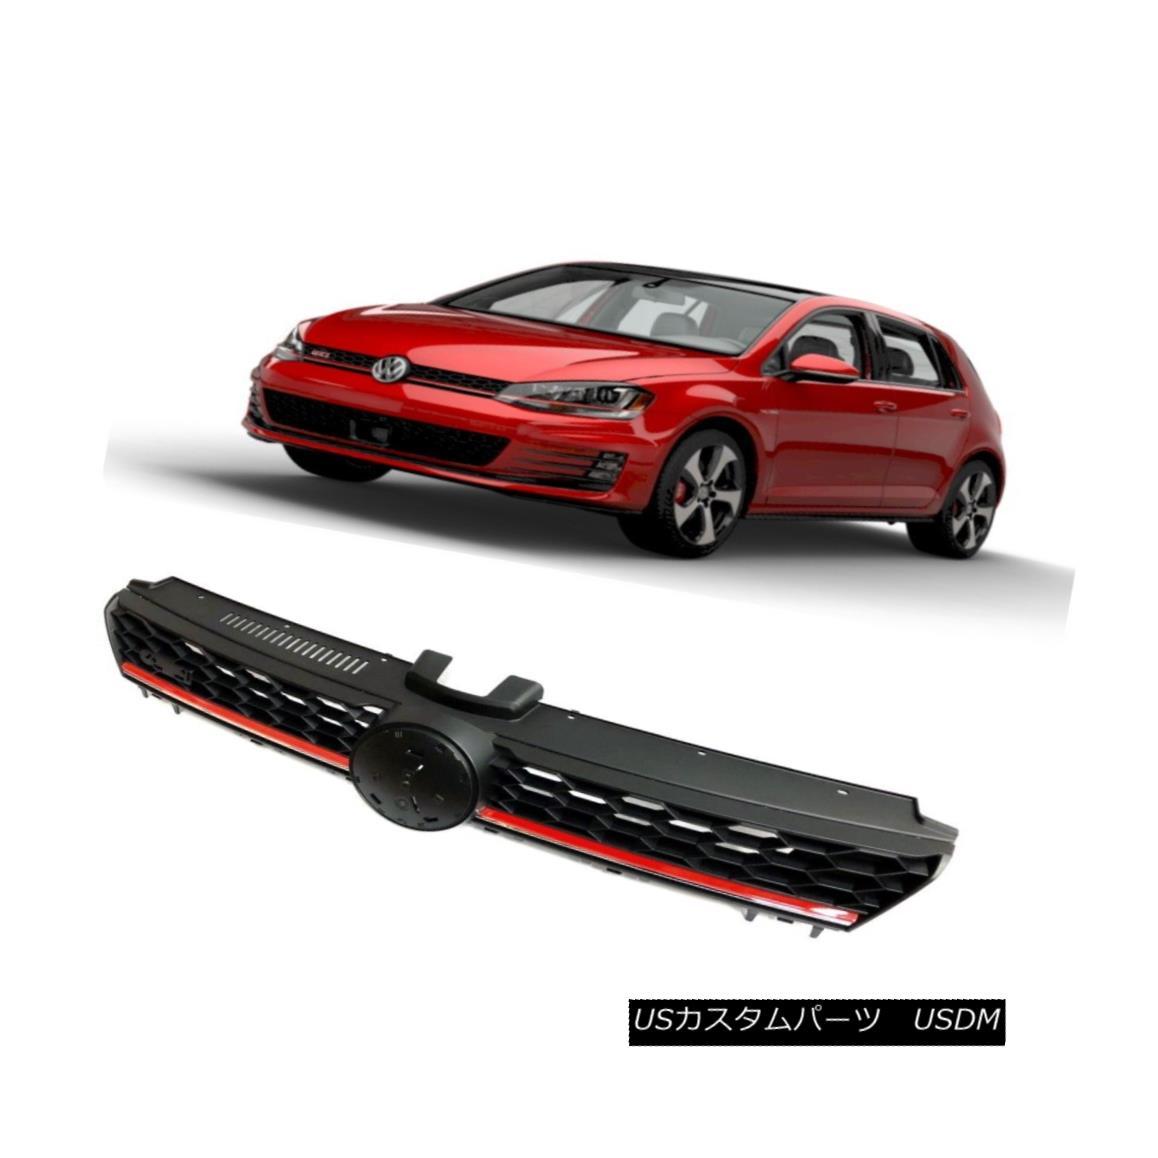 グリル 2015 2016 2017 VW Golf MK7 Honeycomb Front Grill Black with Red Trim Grille 2015 2016 2017 VWゴルフMK7ハニカムフロントグリルブラックレッドトリムグリル